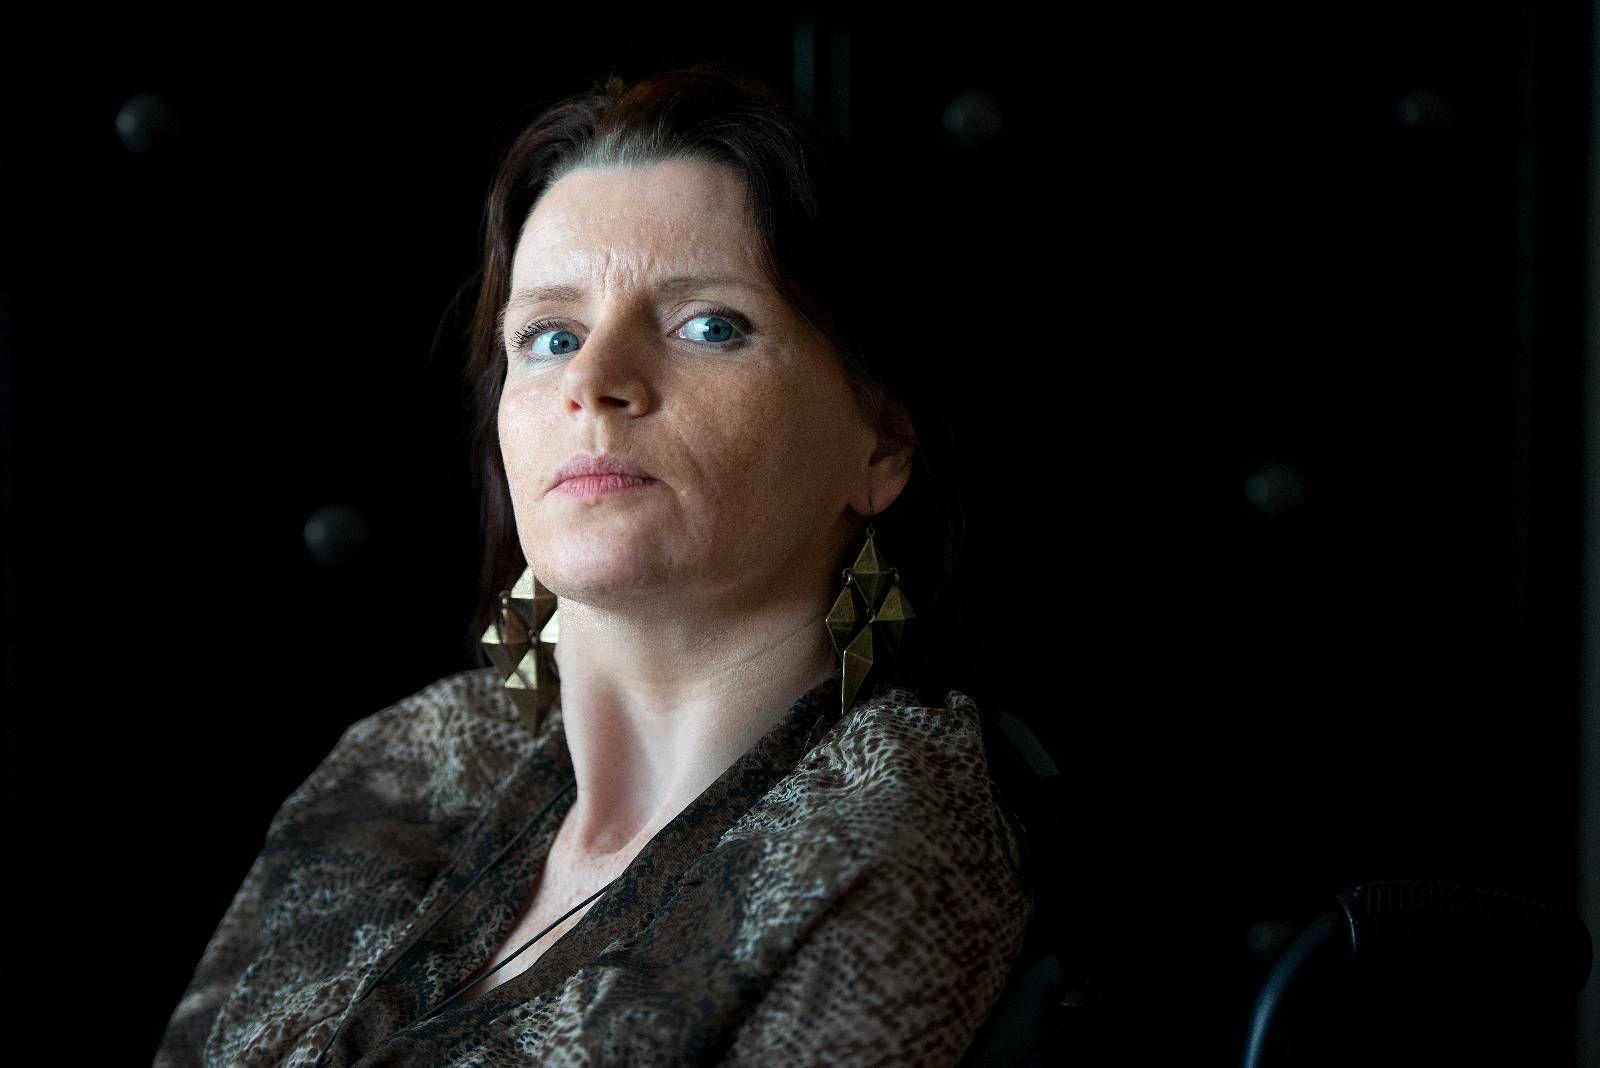 MODIG: De siste 13 årene har Janne Lothe Eliassen bodd i bokollektiv på Midtbygda sjukehjem. Hun er hjerneskadet, og avhengig av rullestol.